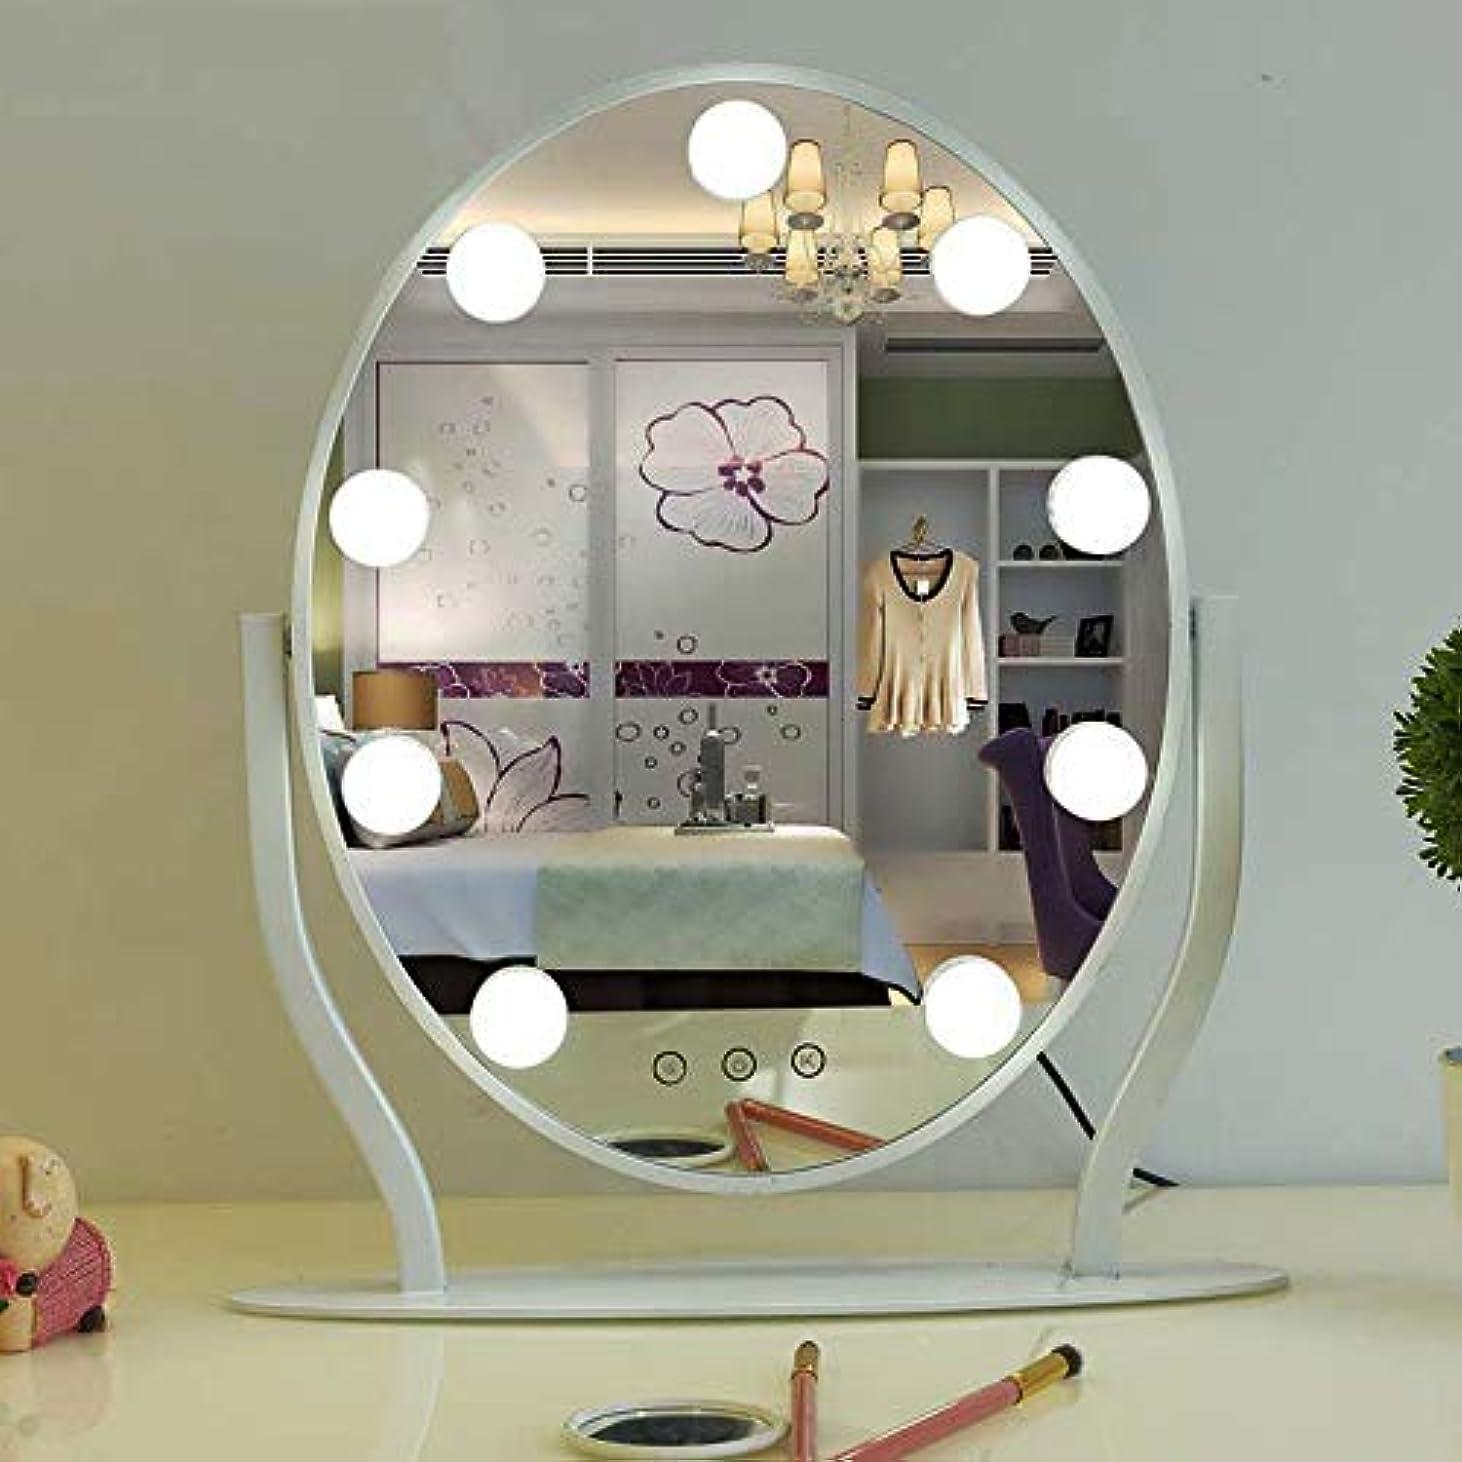 花弁例外スラム明るいLED化粧鏡 ライトアップ 大型ドレッサーミラー メタルフレーム 調整可能3光源 、センサースイッチ シェービングミラー 寝室 さんギフト